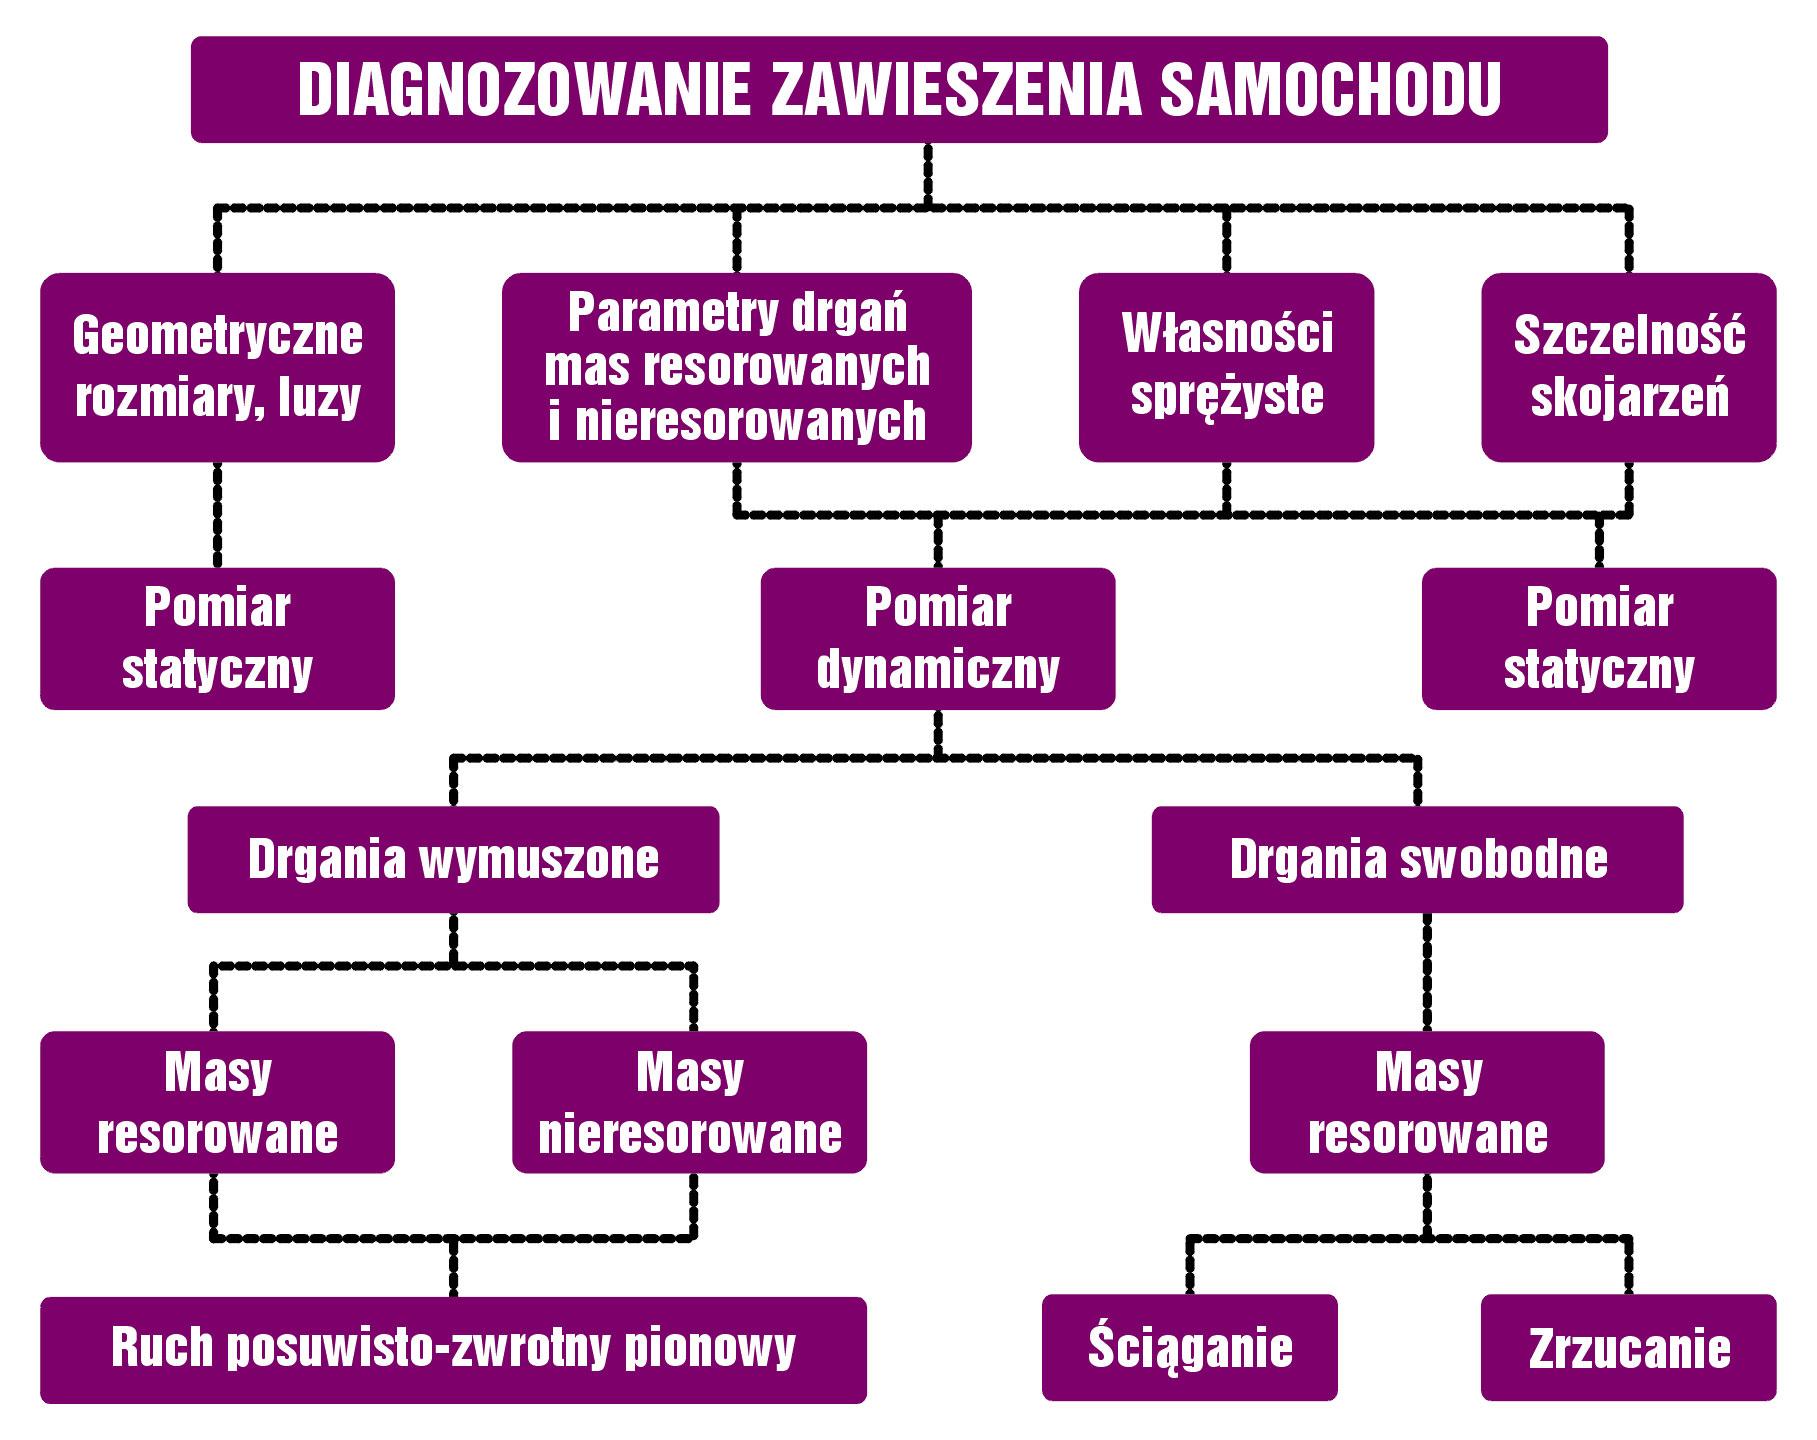 1. Klasyfikacja parametrów diagnostycznych imetod diagnozowania układu zawieszenia [3]